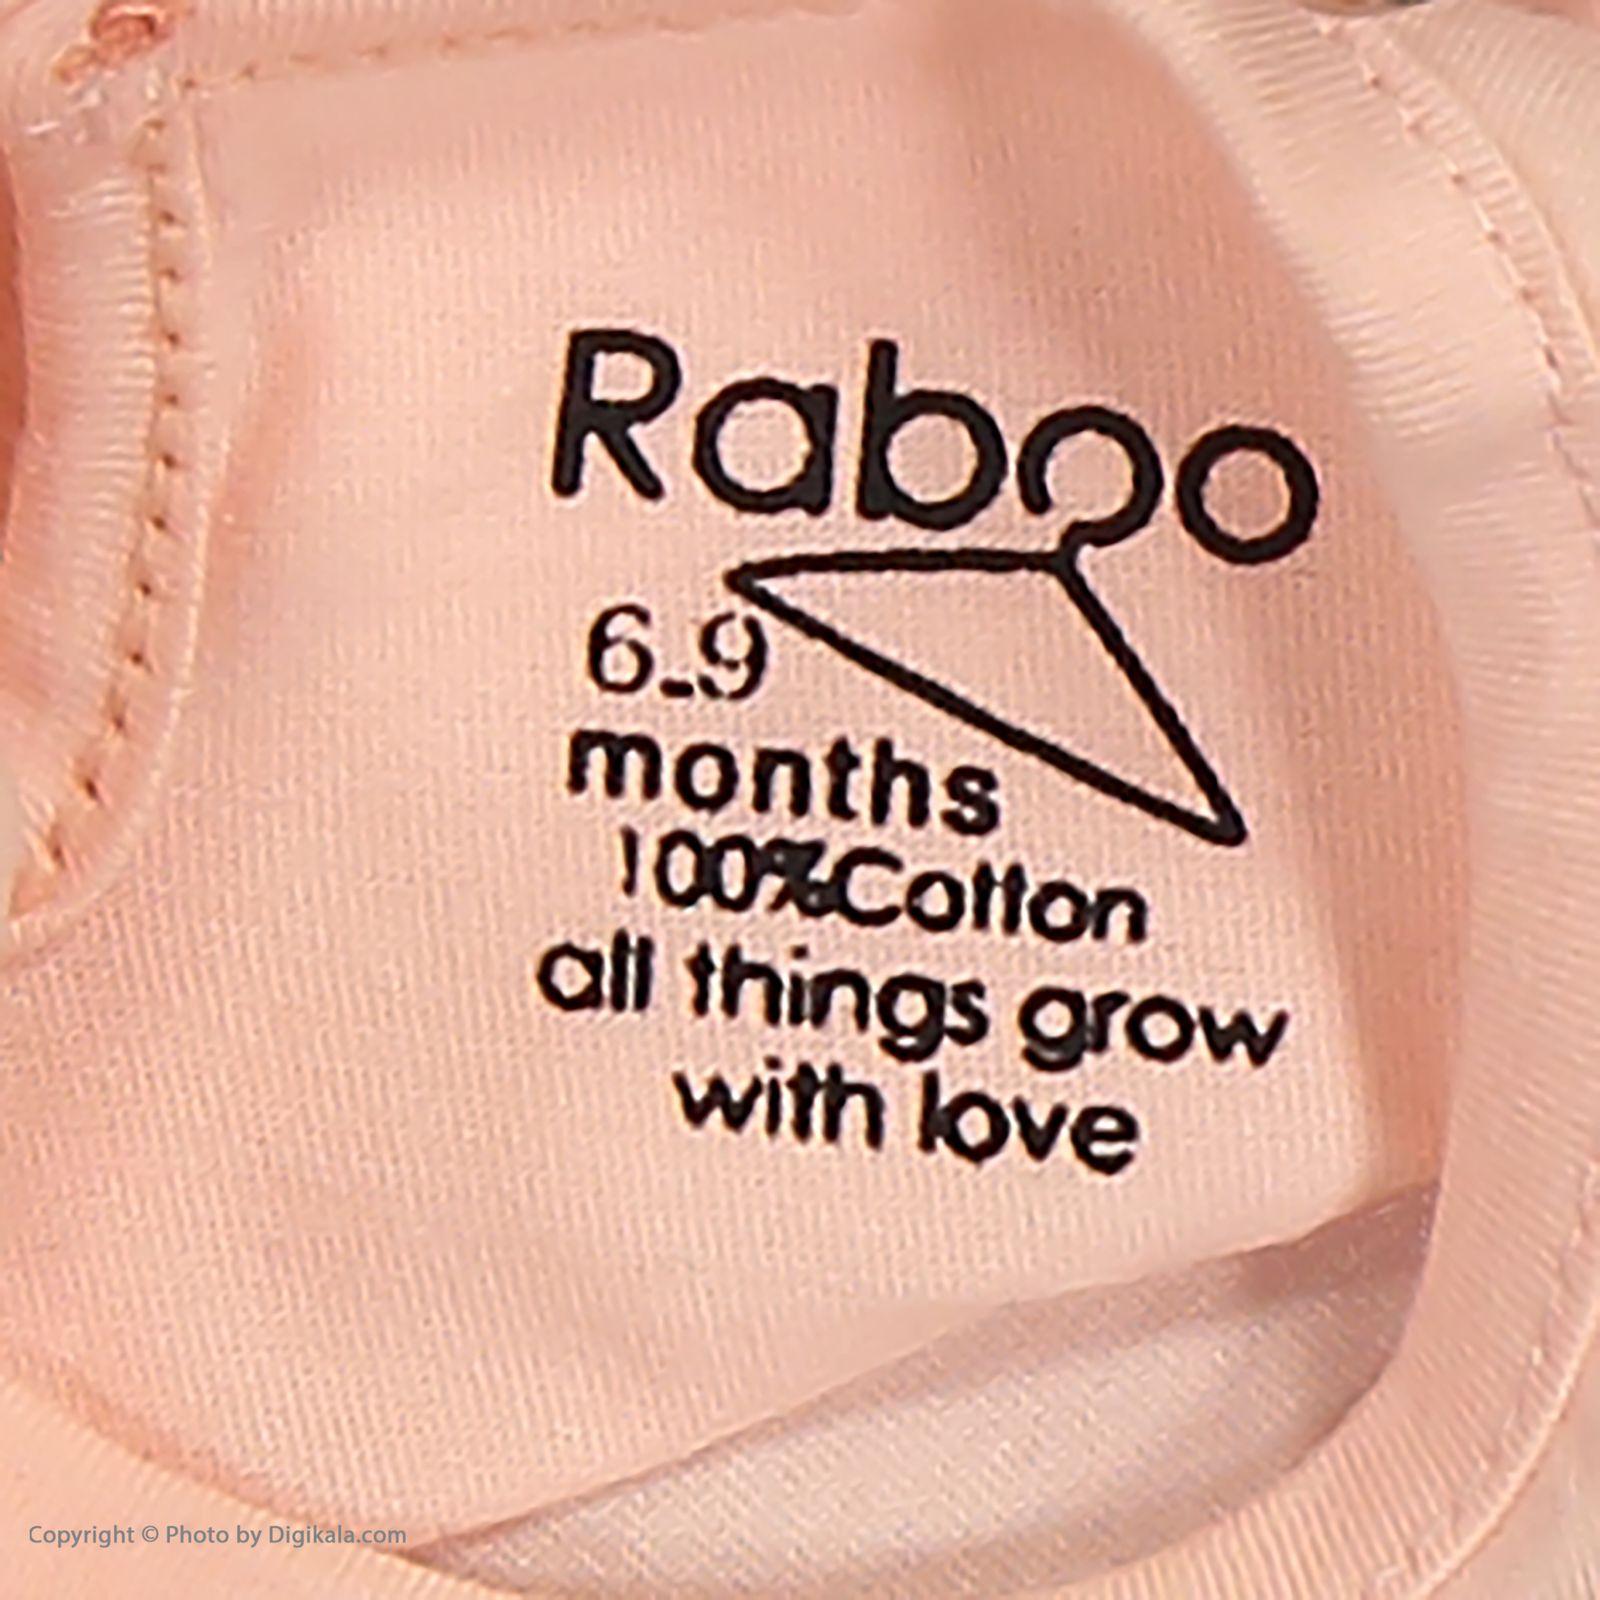 ست تی شرت و شلوار دخترانه رابو مدل 2051127-81 -  - 4